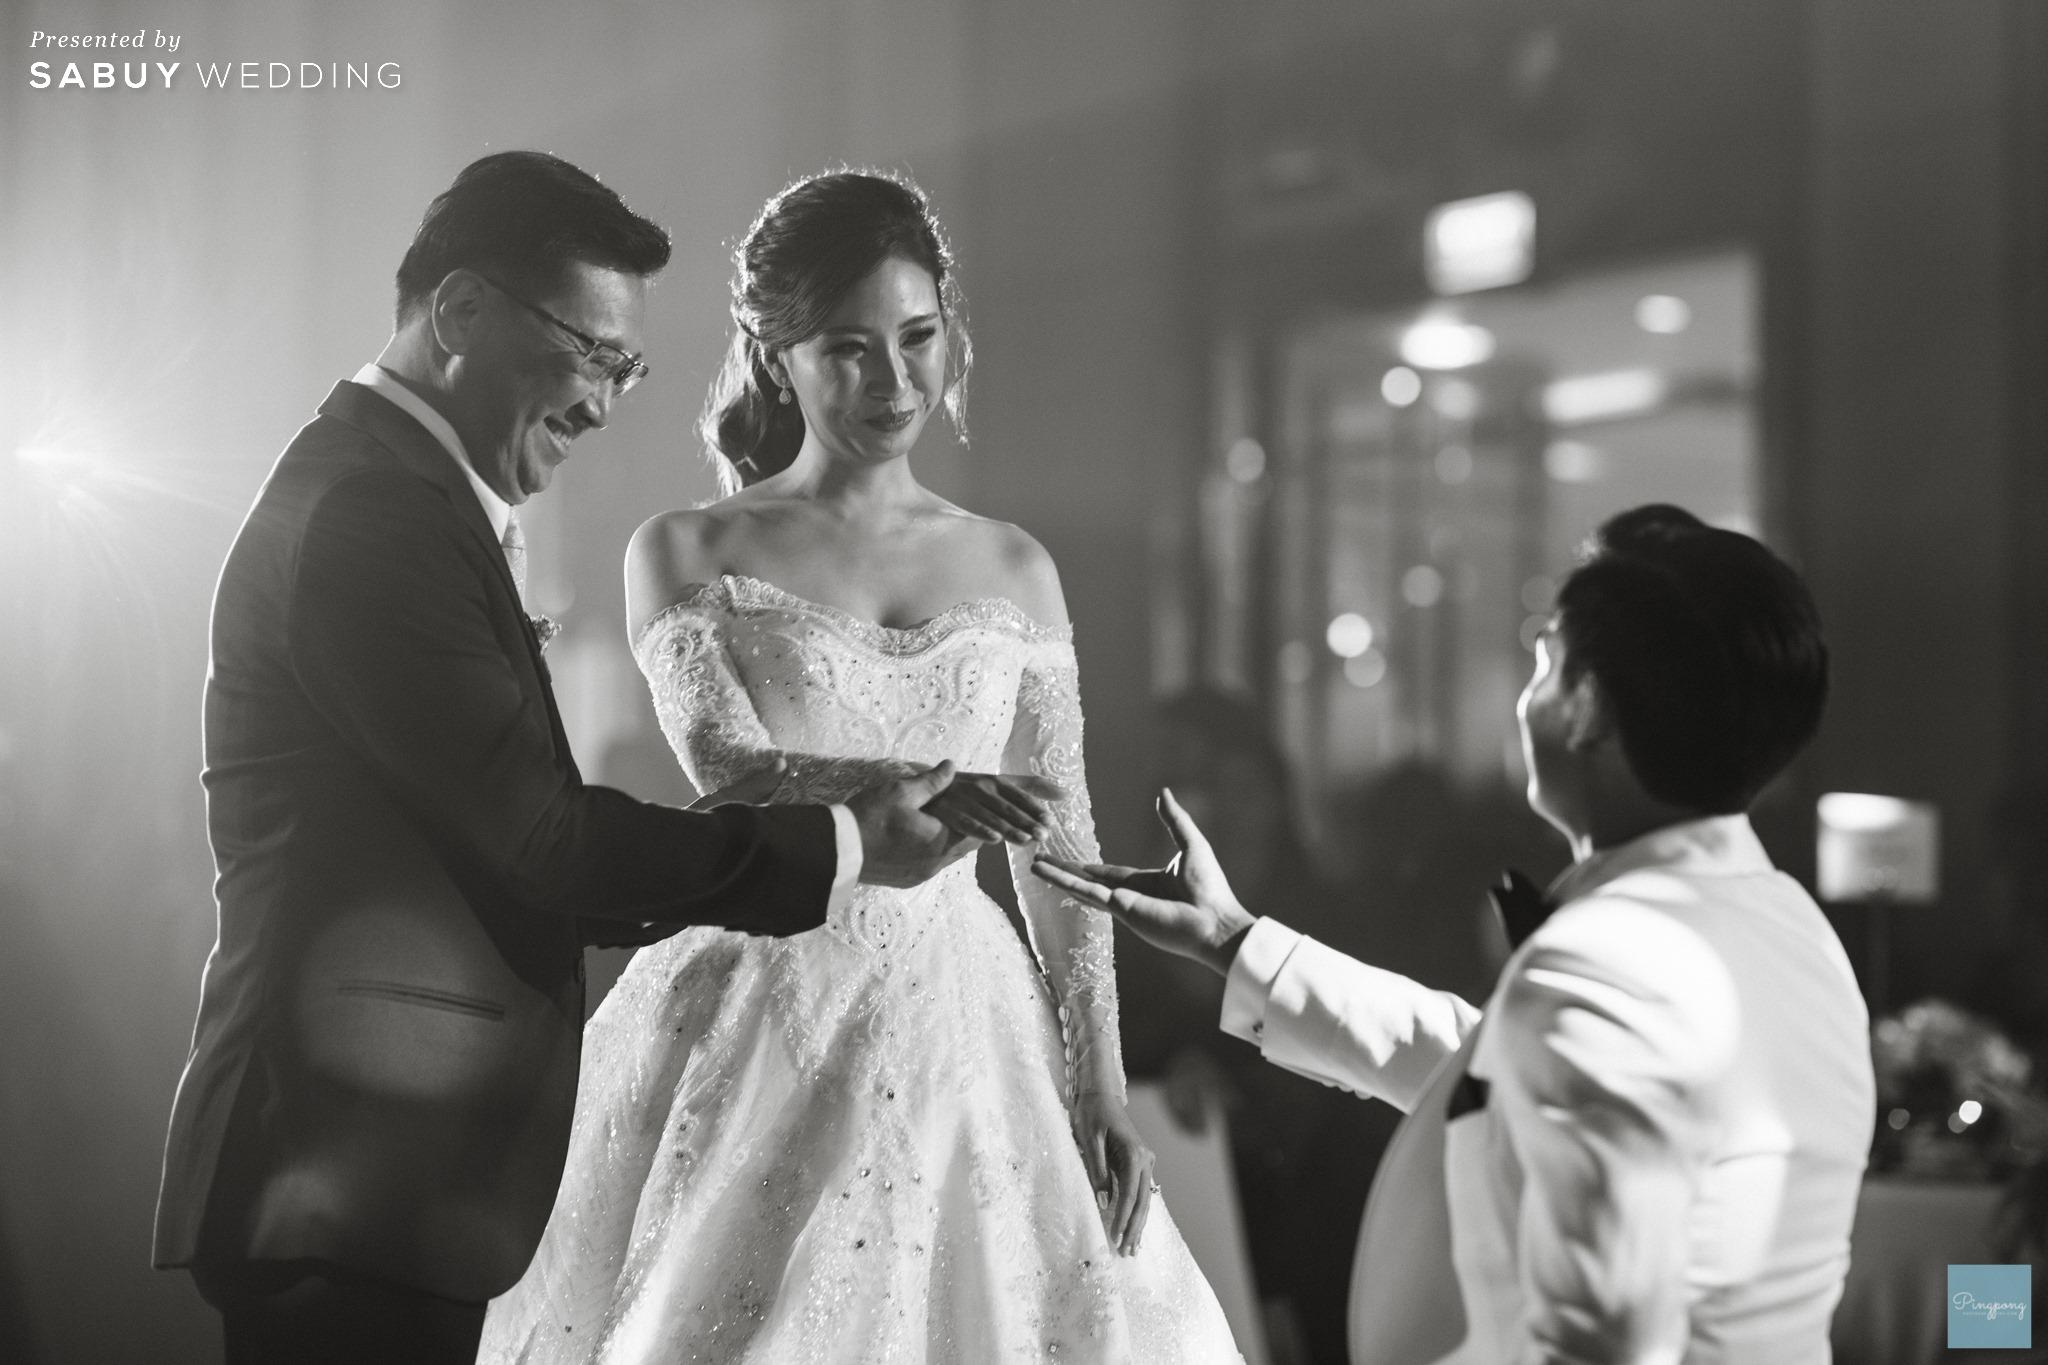 พิธีแต่งงาน,โรงแรม,สถานที่จัดงานแต่งงาน,งานแต่งงาน รีวิวงานแต่งโมเดิร์นหวานละมุน อบอุ่นในโทนครีมชมพู @ Hyatt Regency Bangkok Sukhumvit